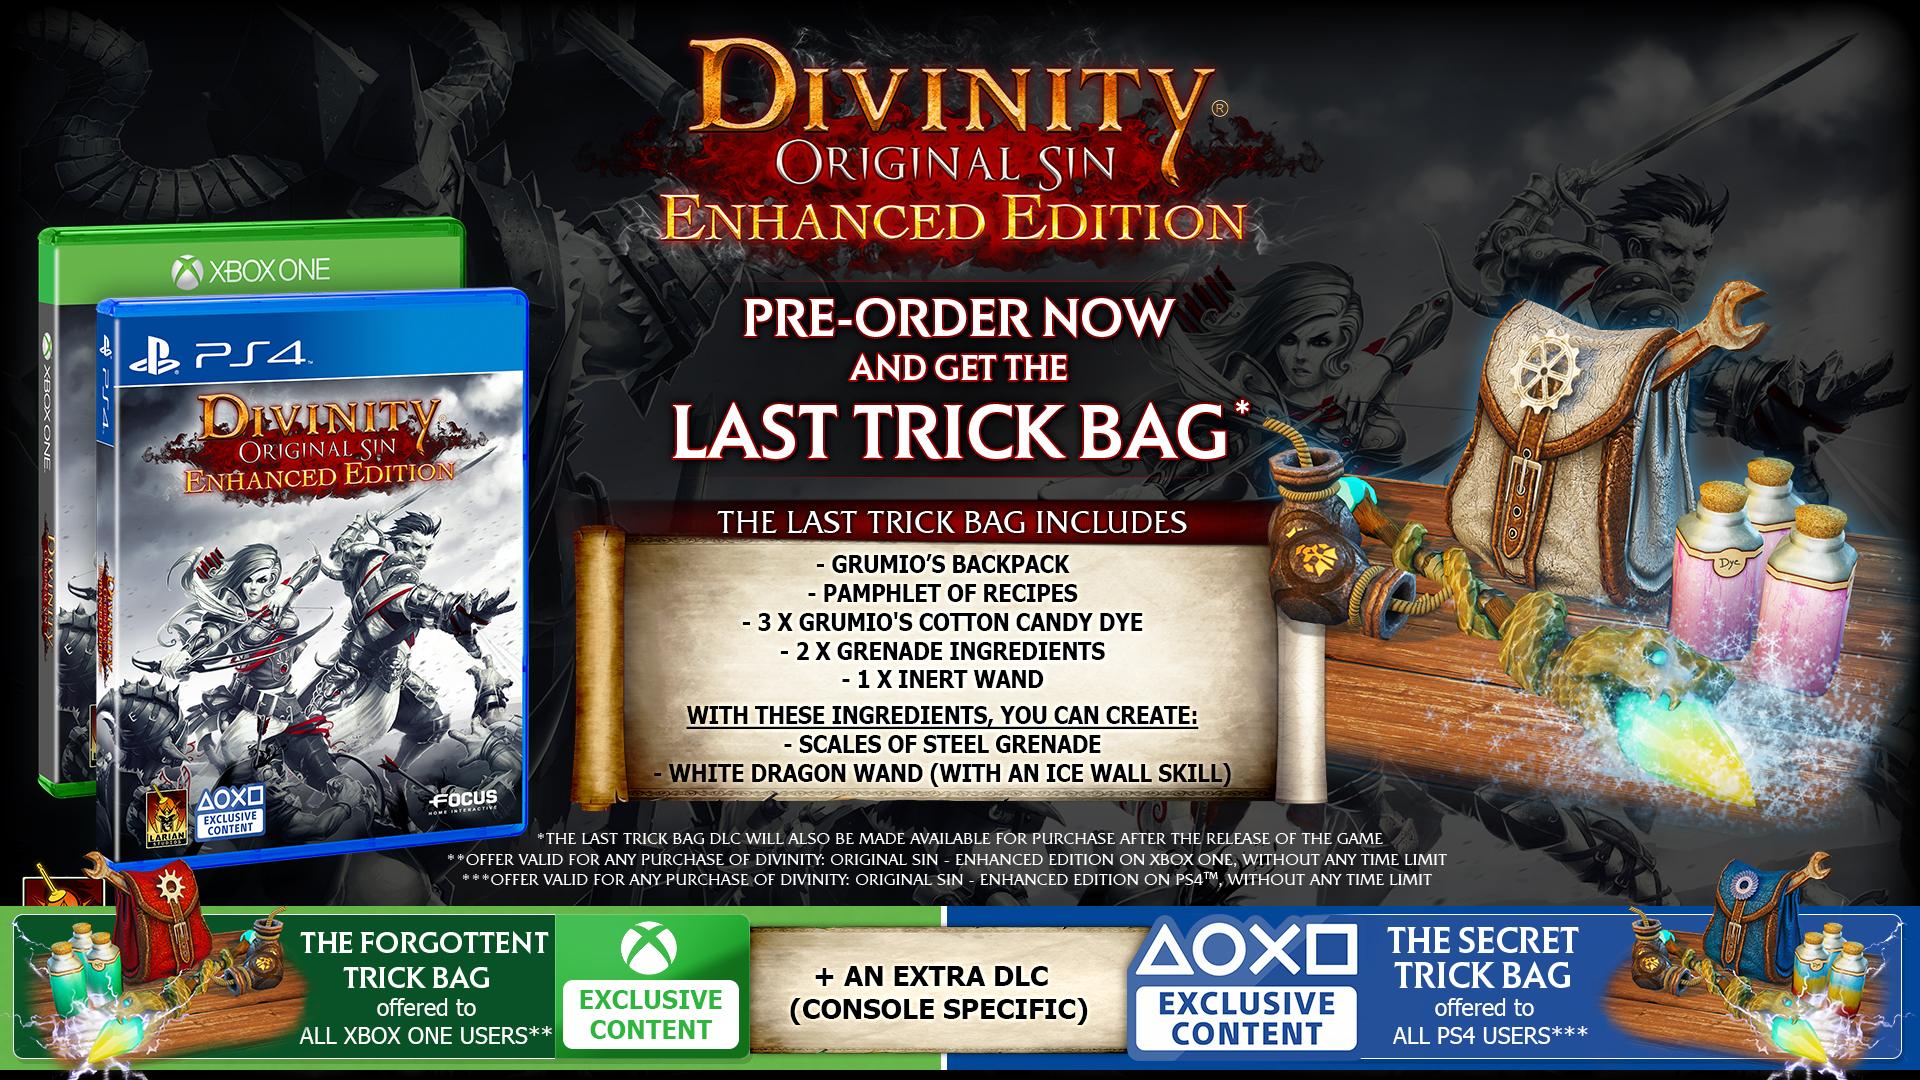 Divinity original sin guide reddit lol